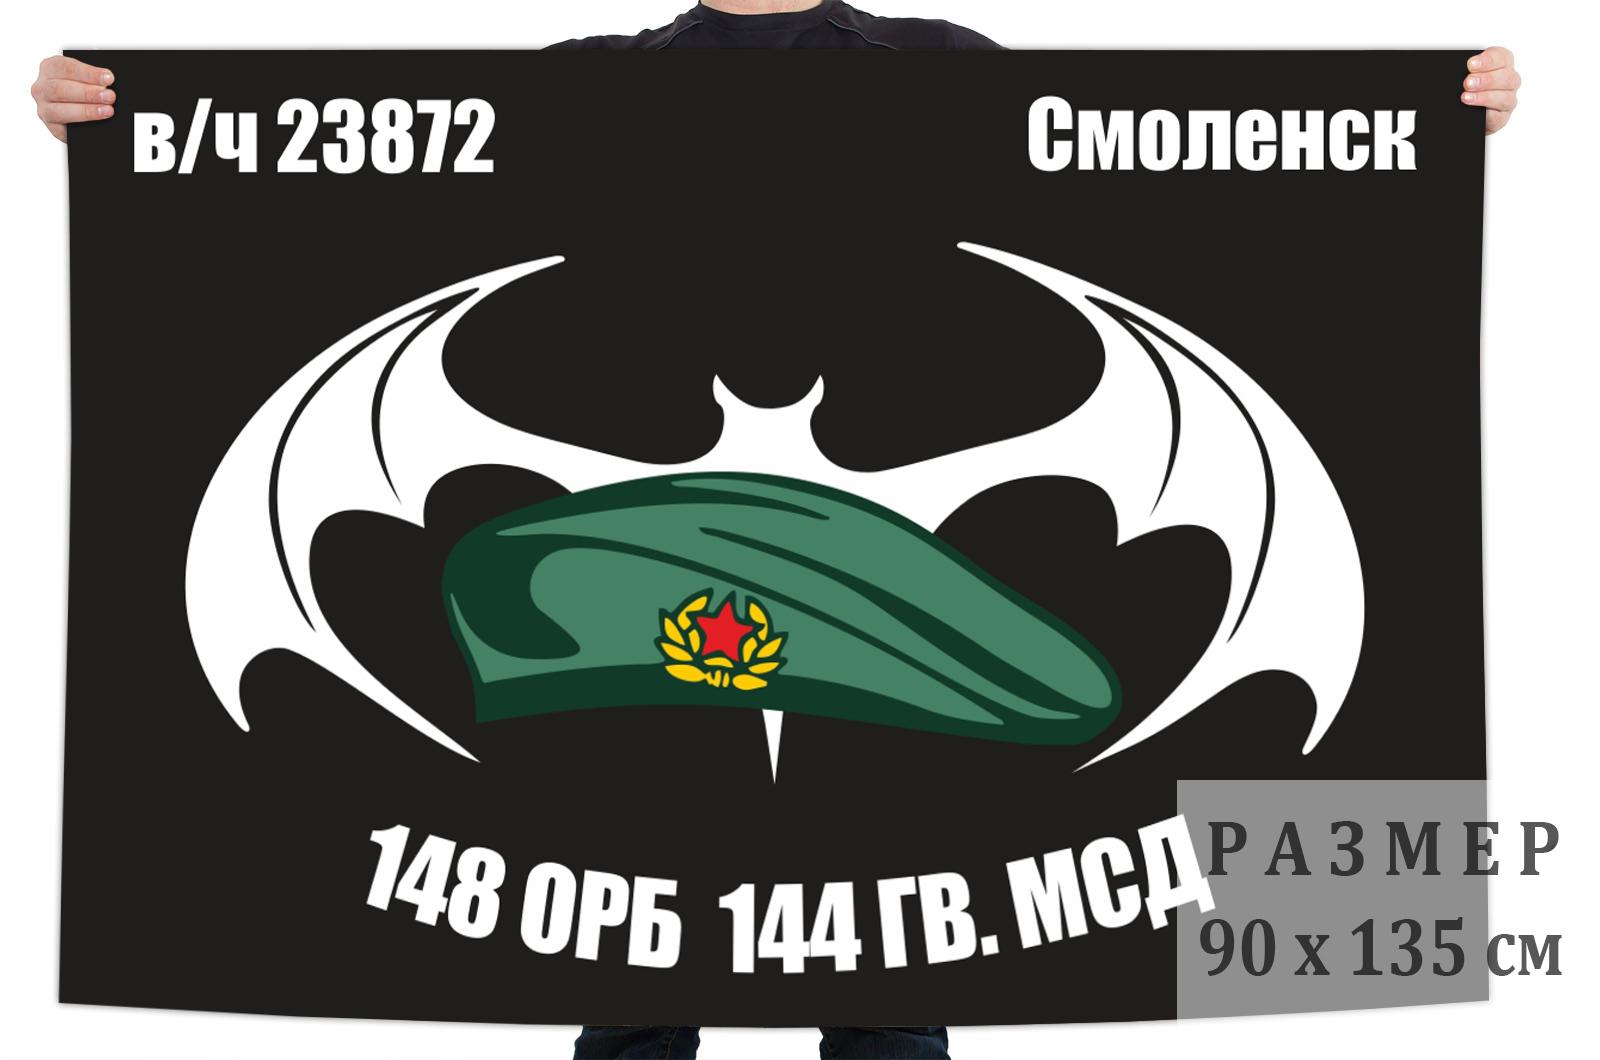 Флаг 148 ОРБ 144 Гв. МСД